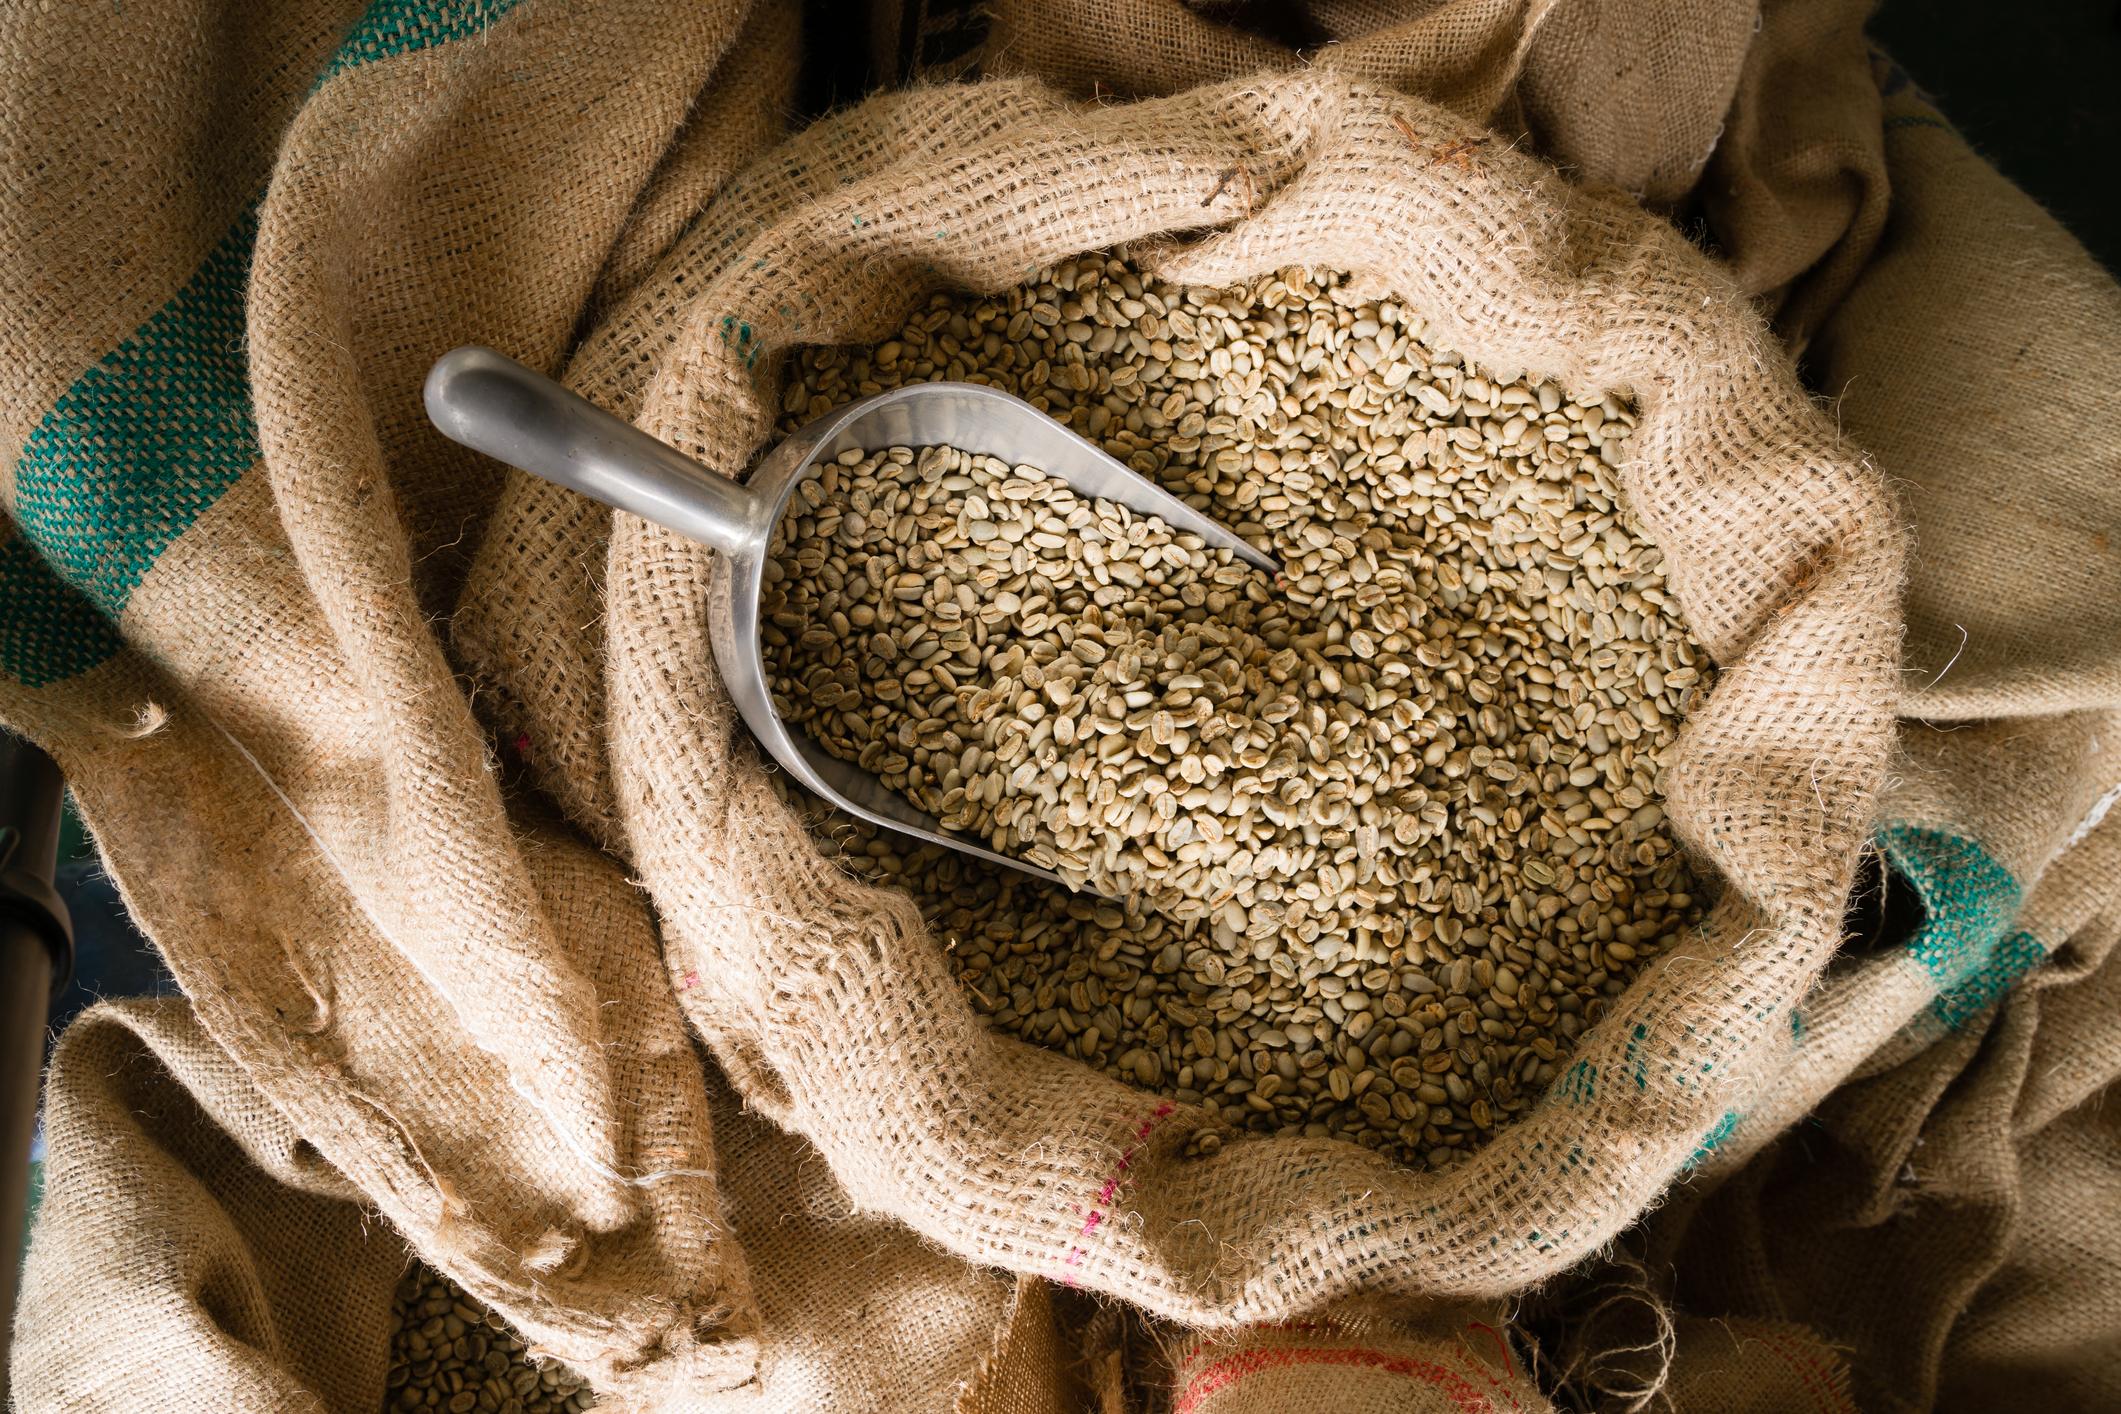 Groene koffiebonen klaar om geroosterd te worden